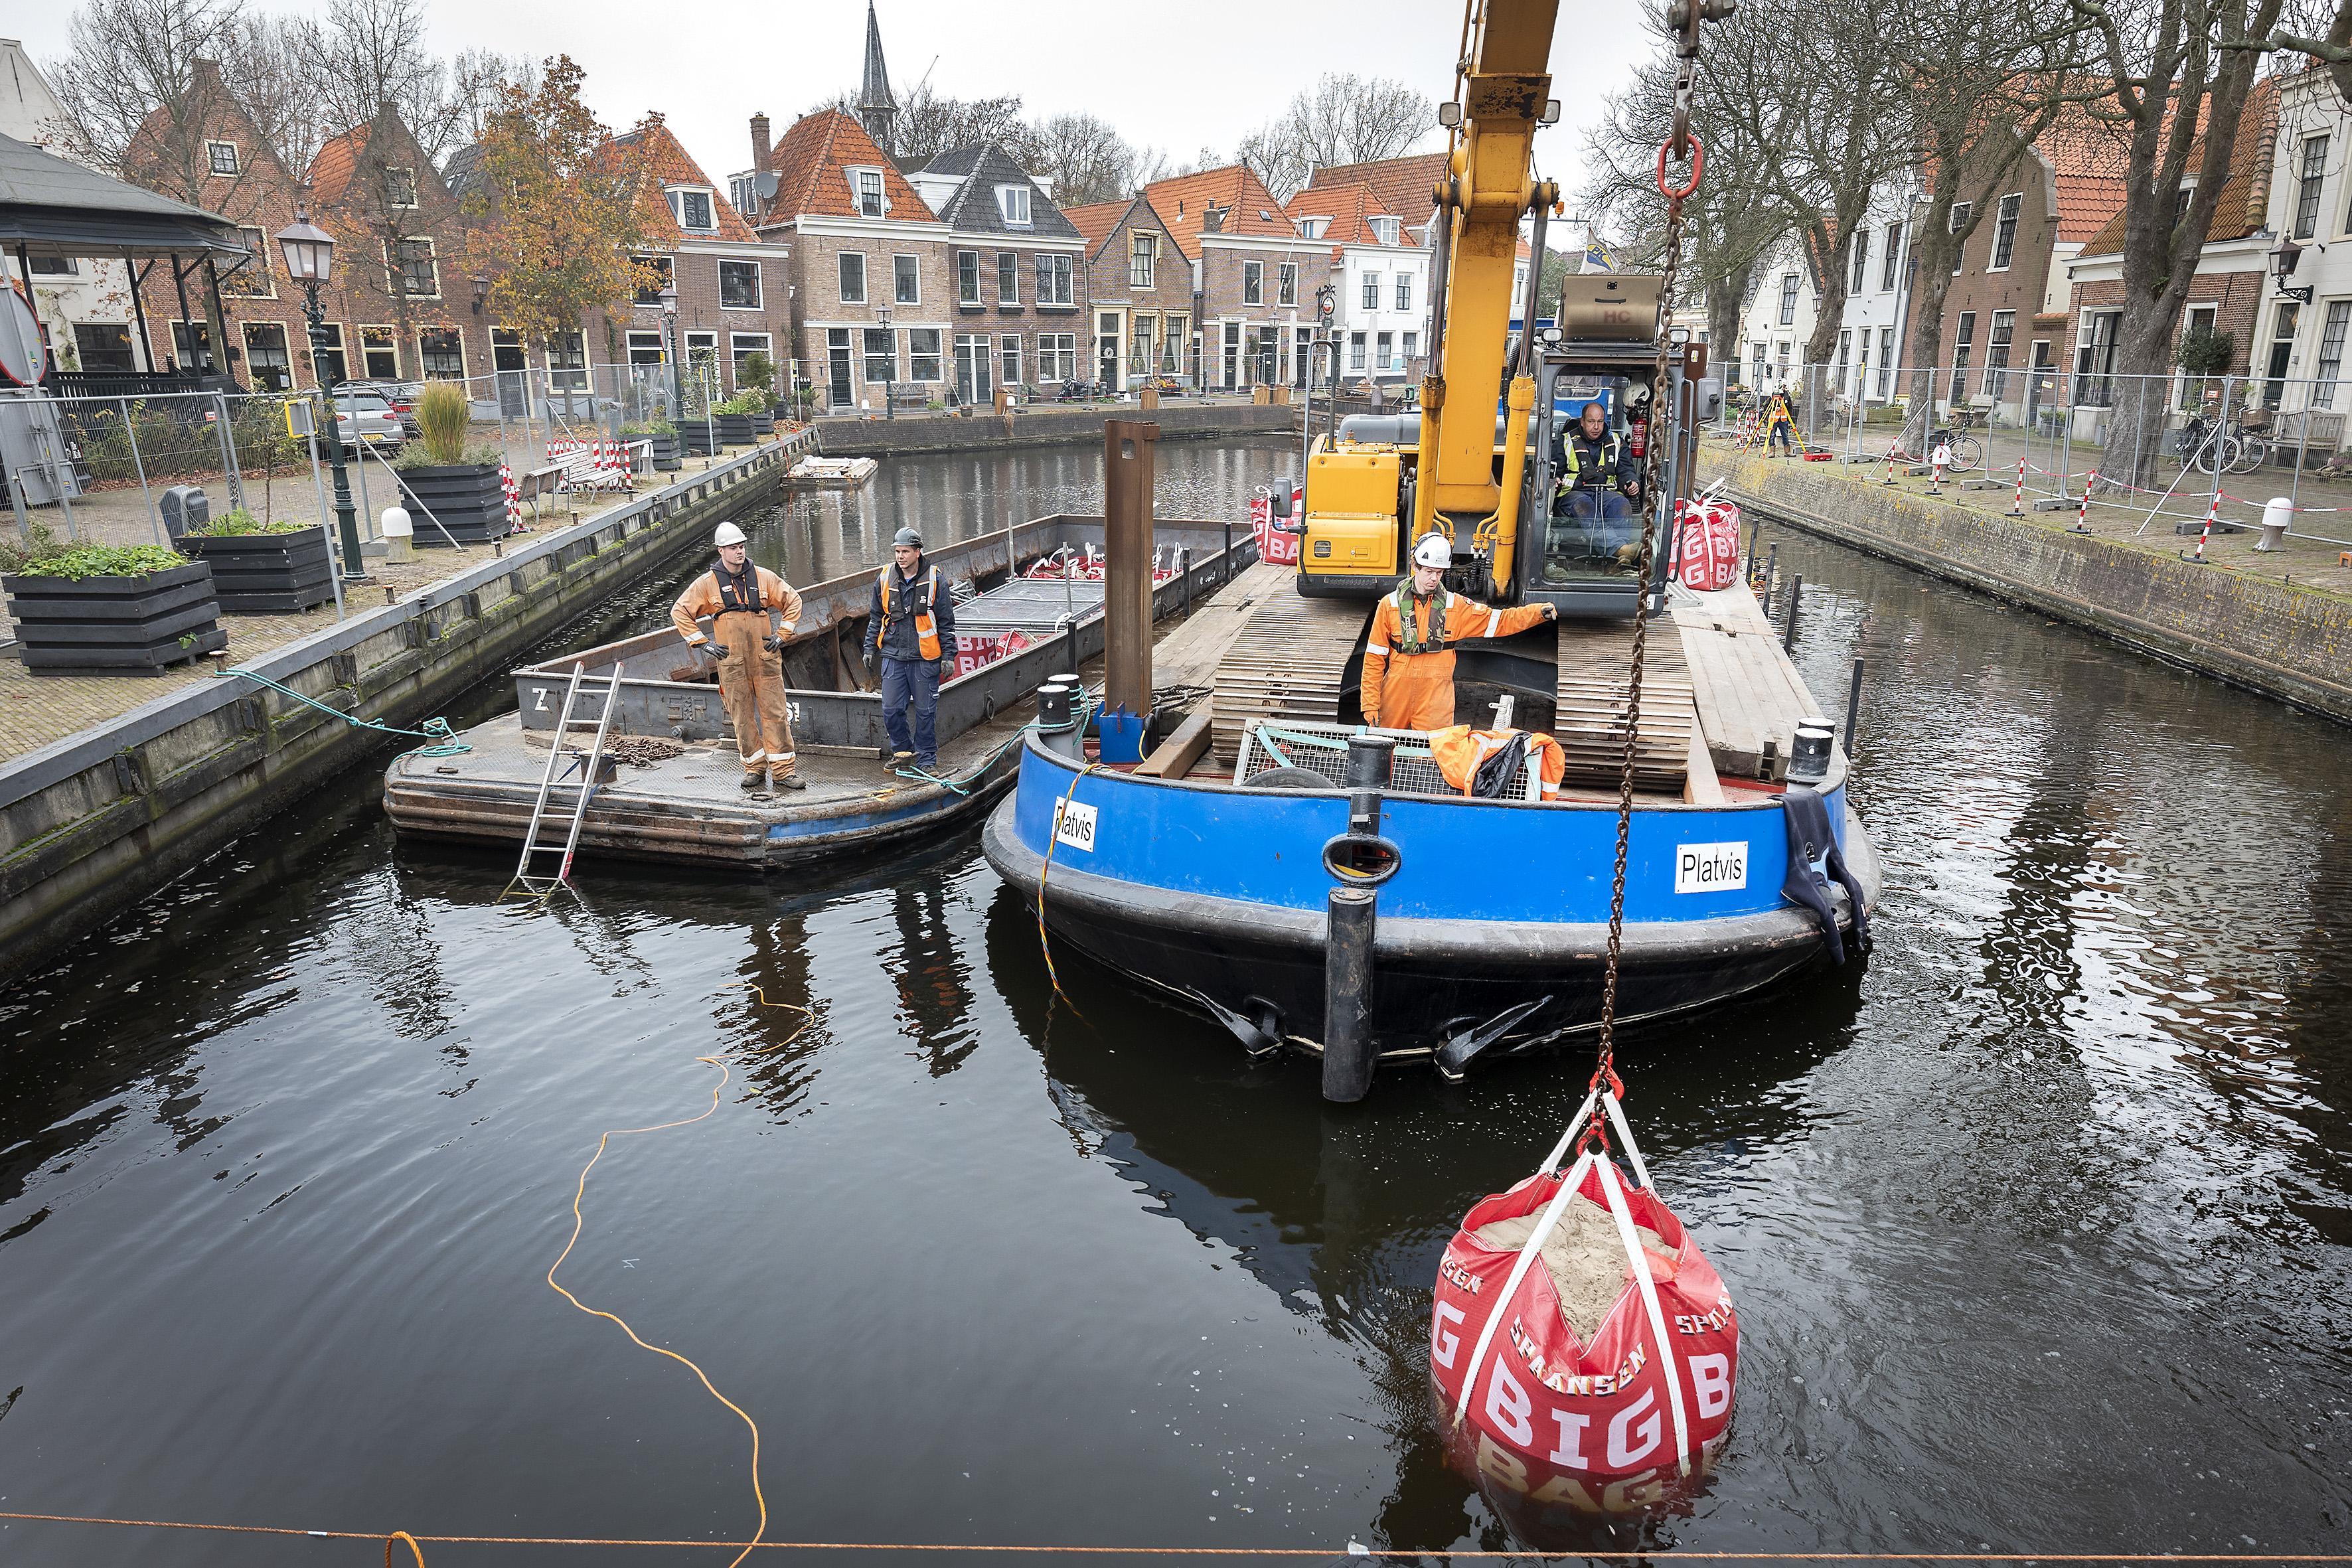 Kolksluis, oudste sluis van Europa, wordt onderhanden genomen